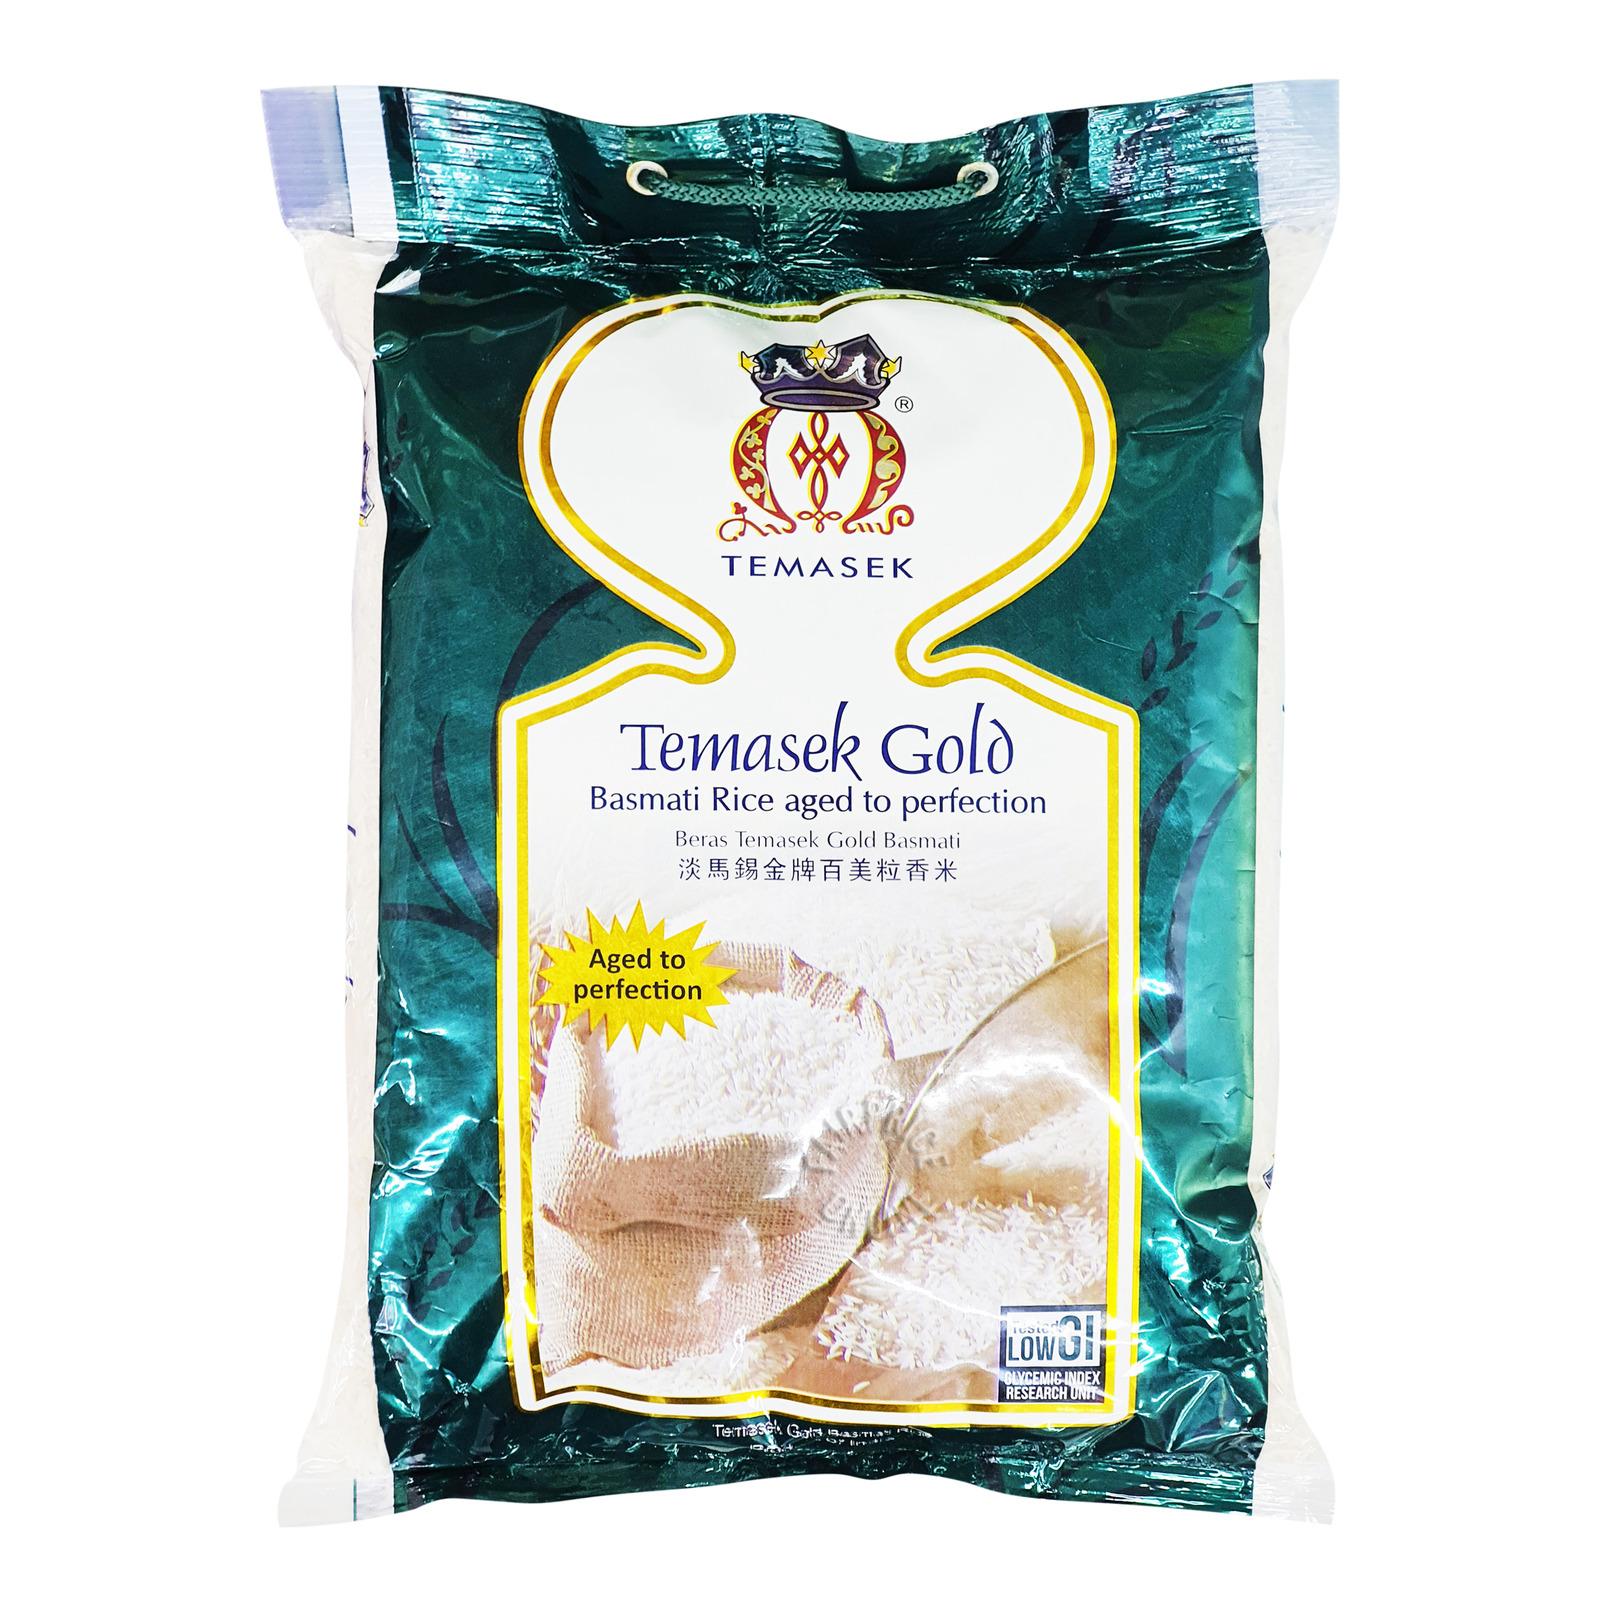 Temasek Gold Basmati Rice